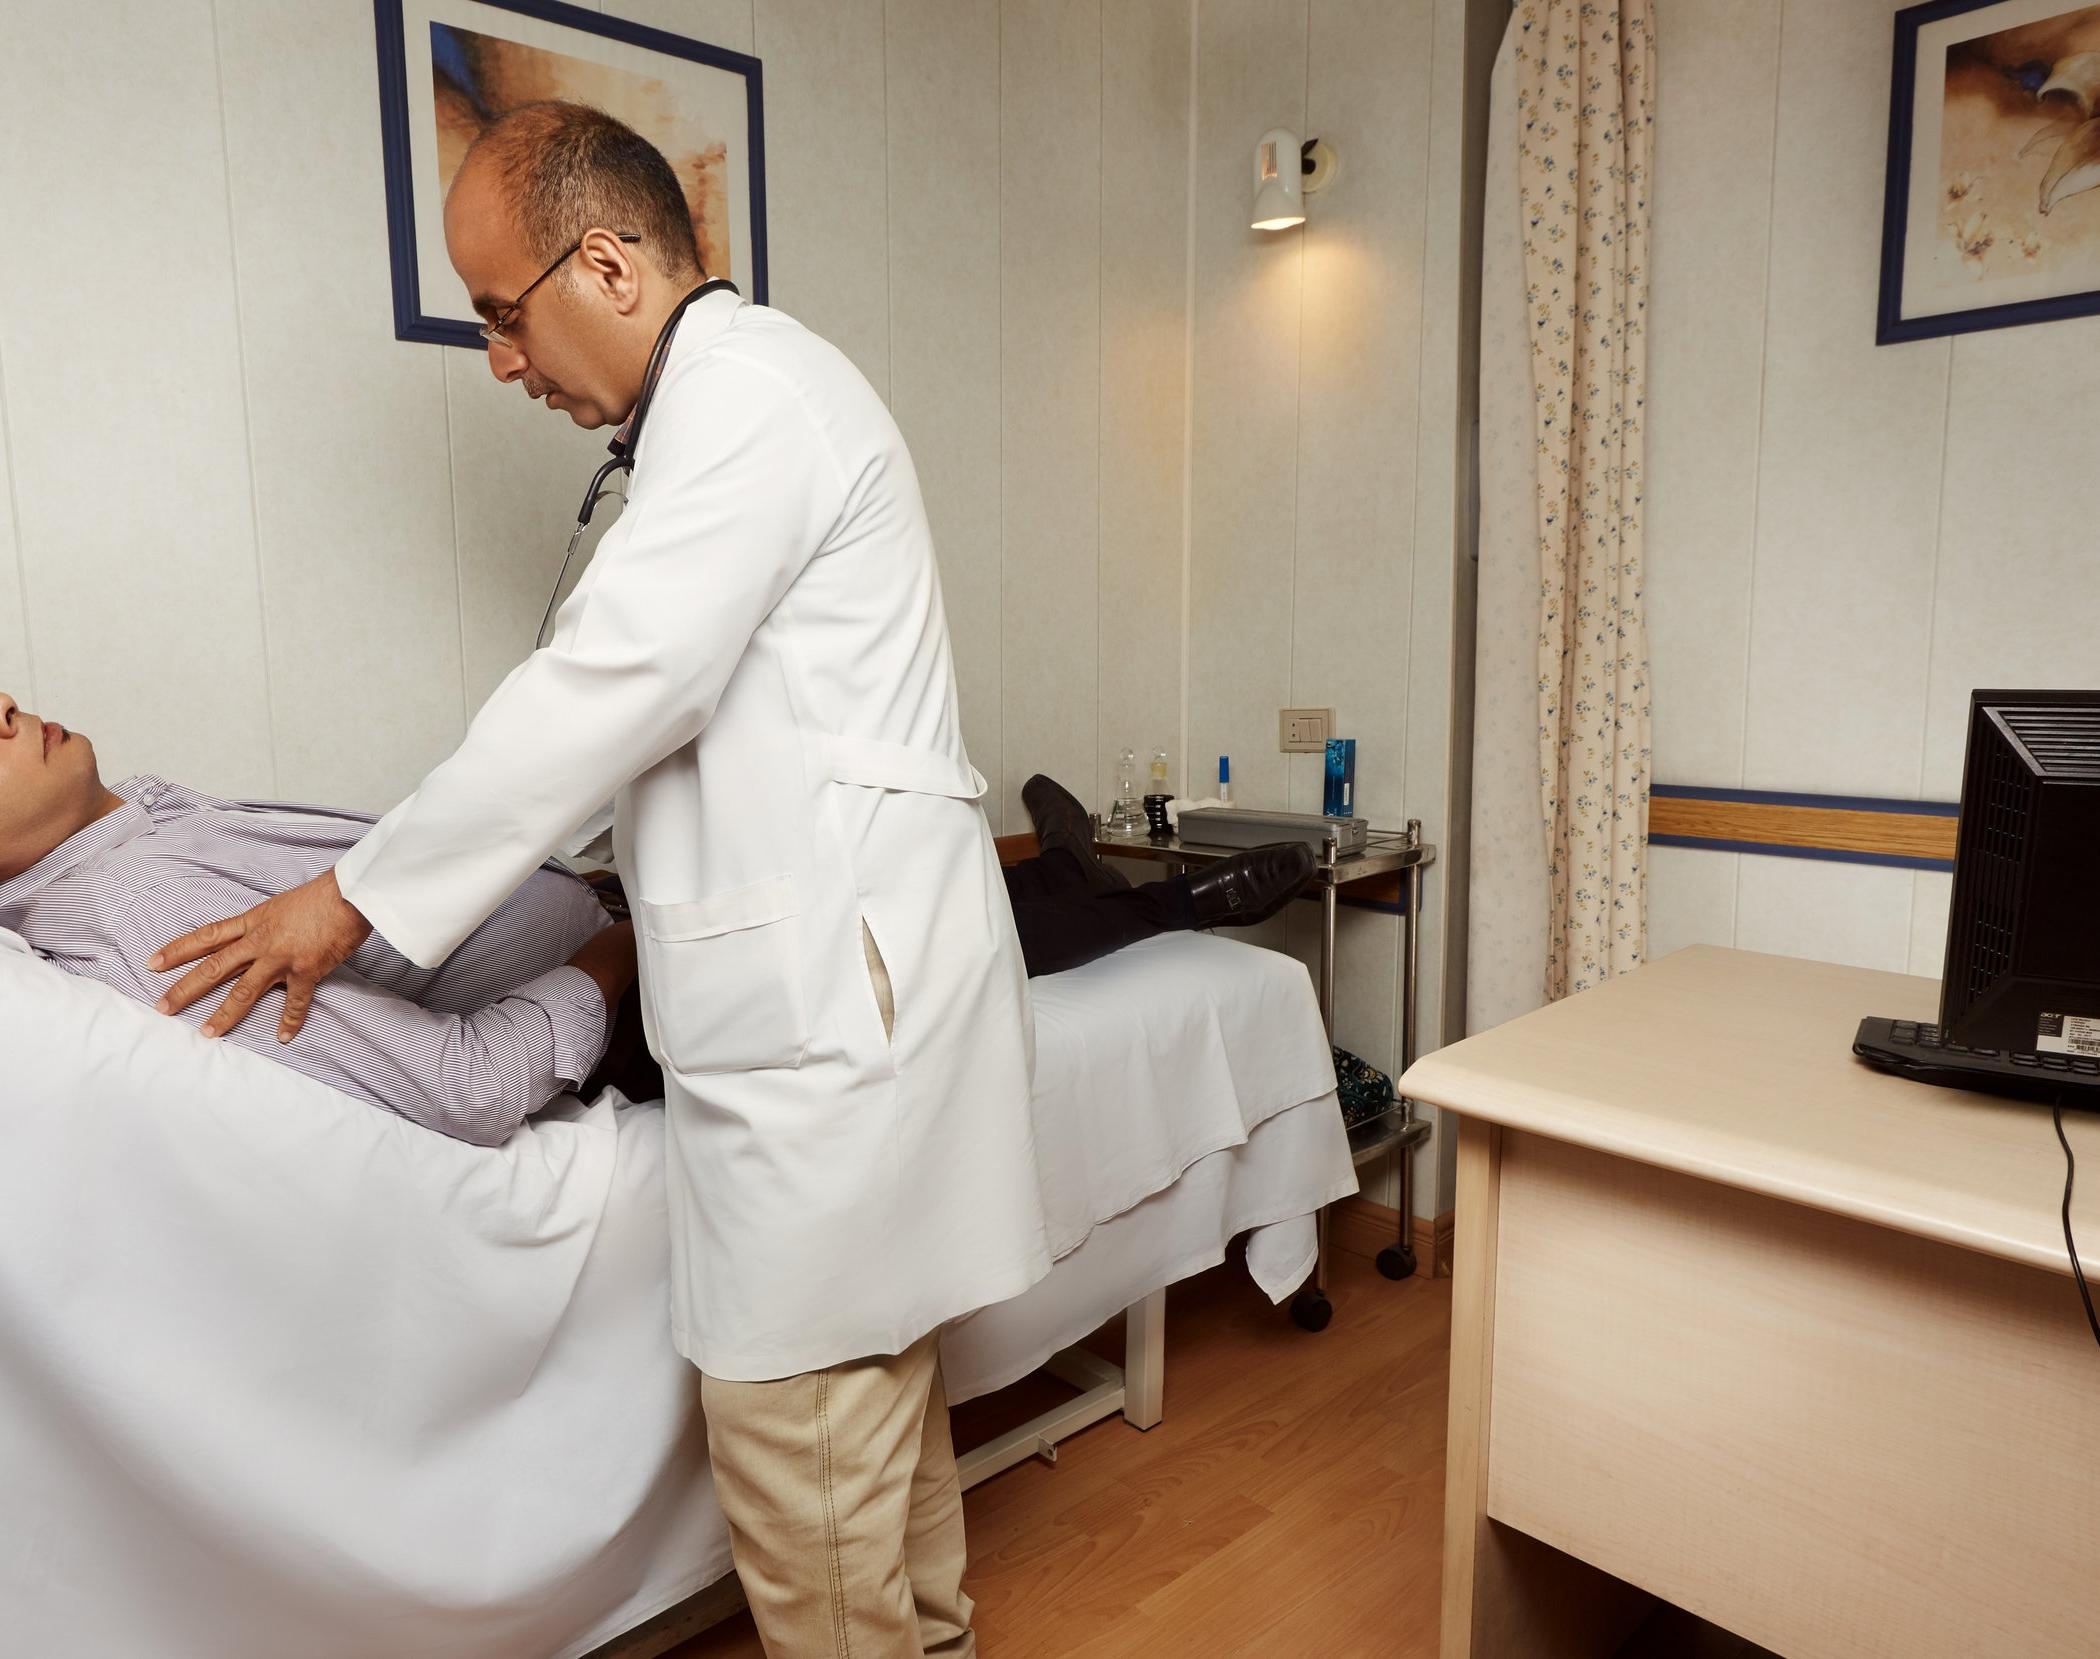 Dr. Salem Check a patient